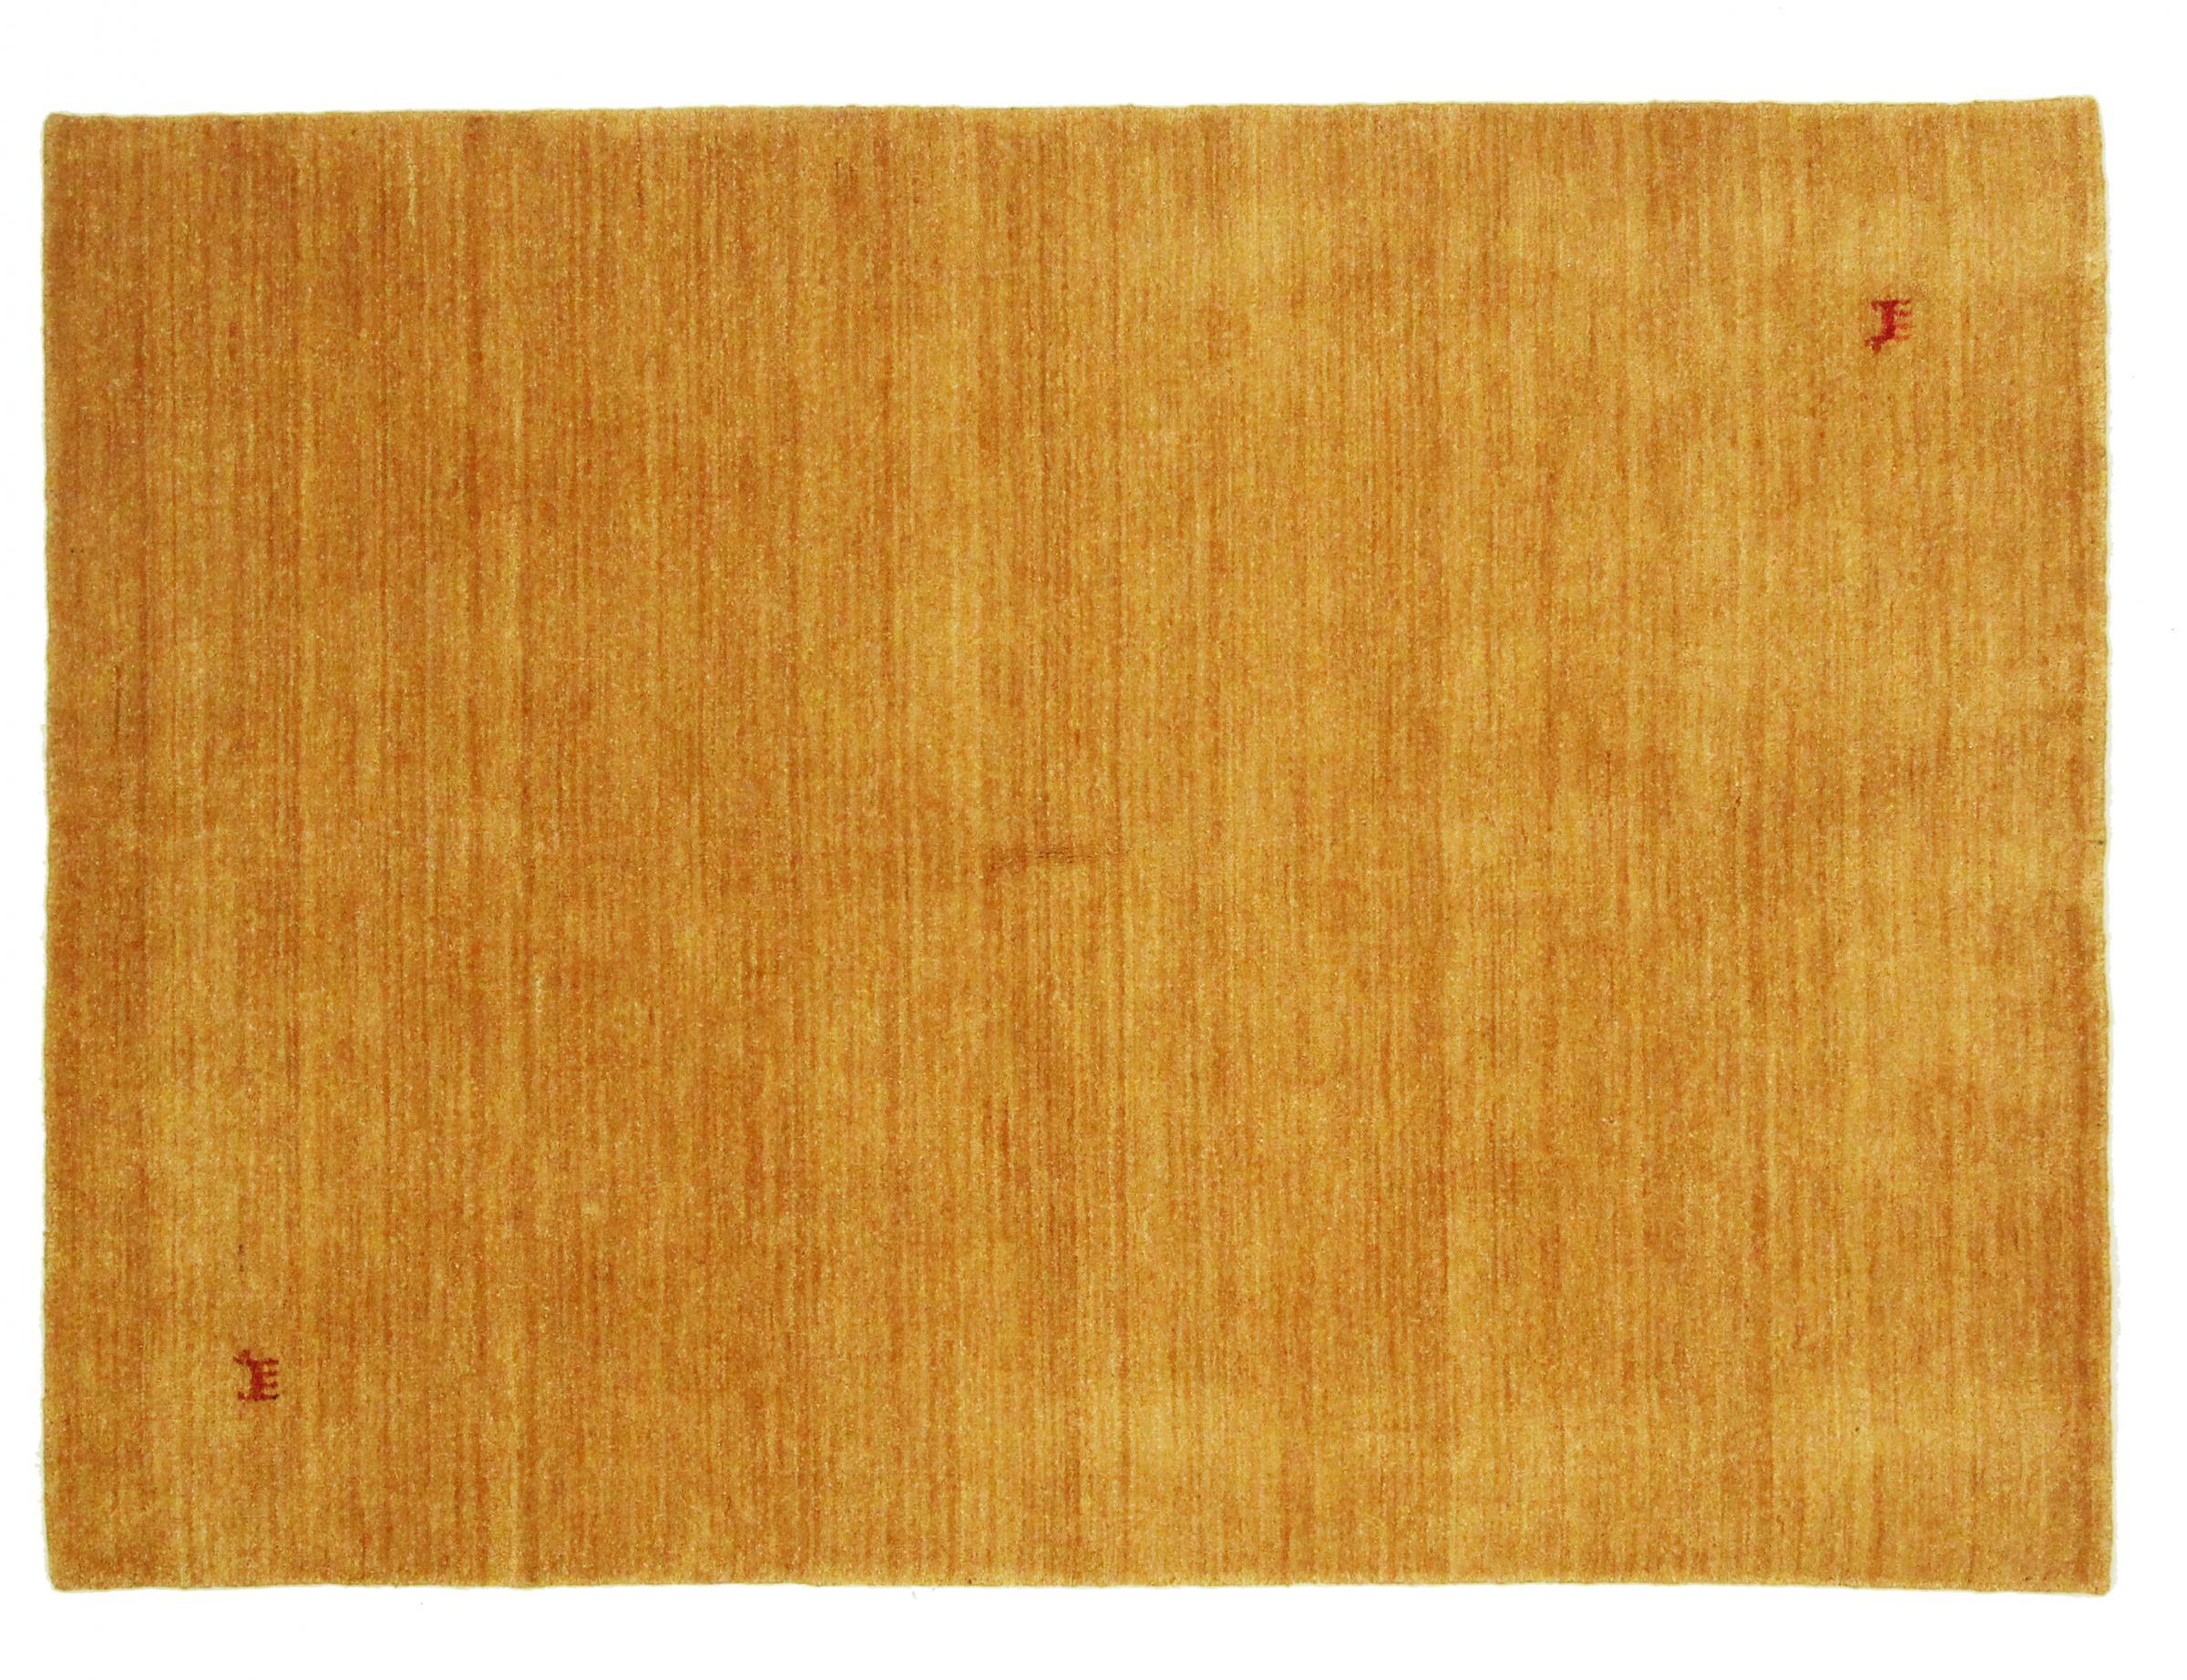 Loom gabbeh tapis 200x140 id22052 achetez votre tapis - Tapis 200x140 ...